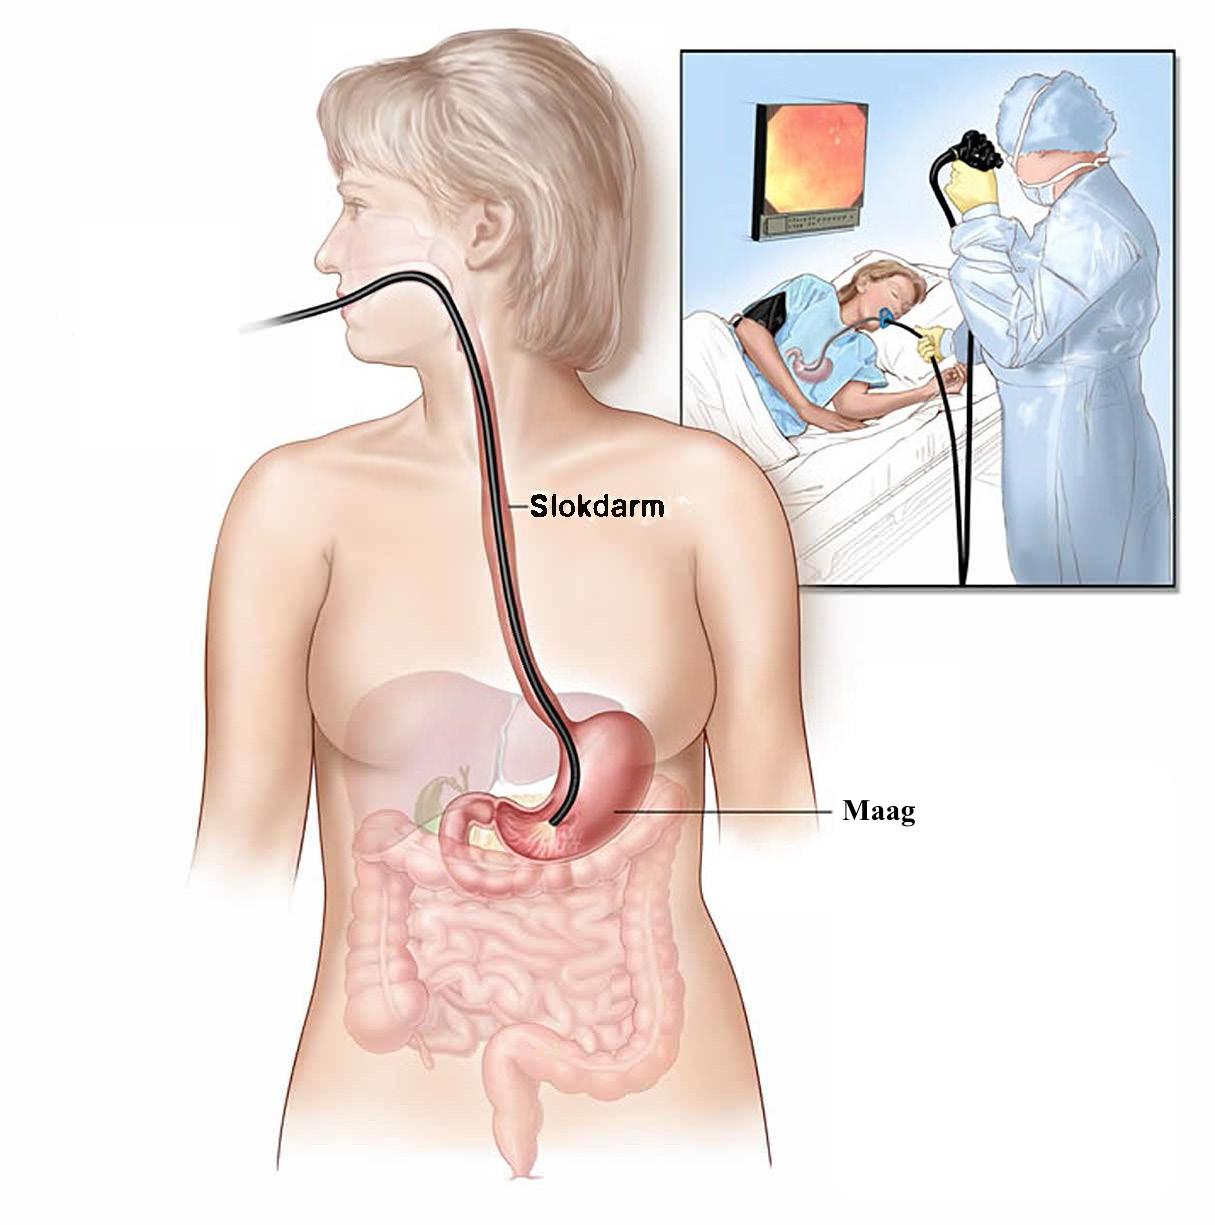 Gastroscopie; kijkonderzoek van de slokdarm en maag